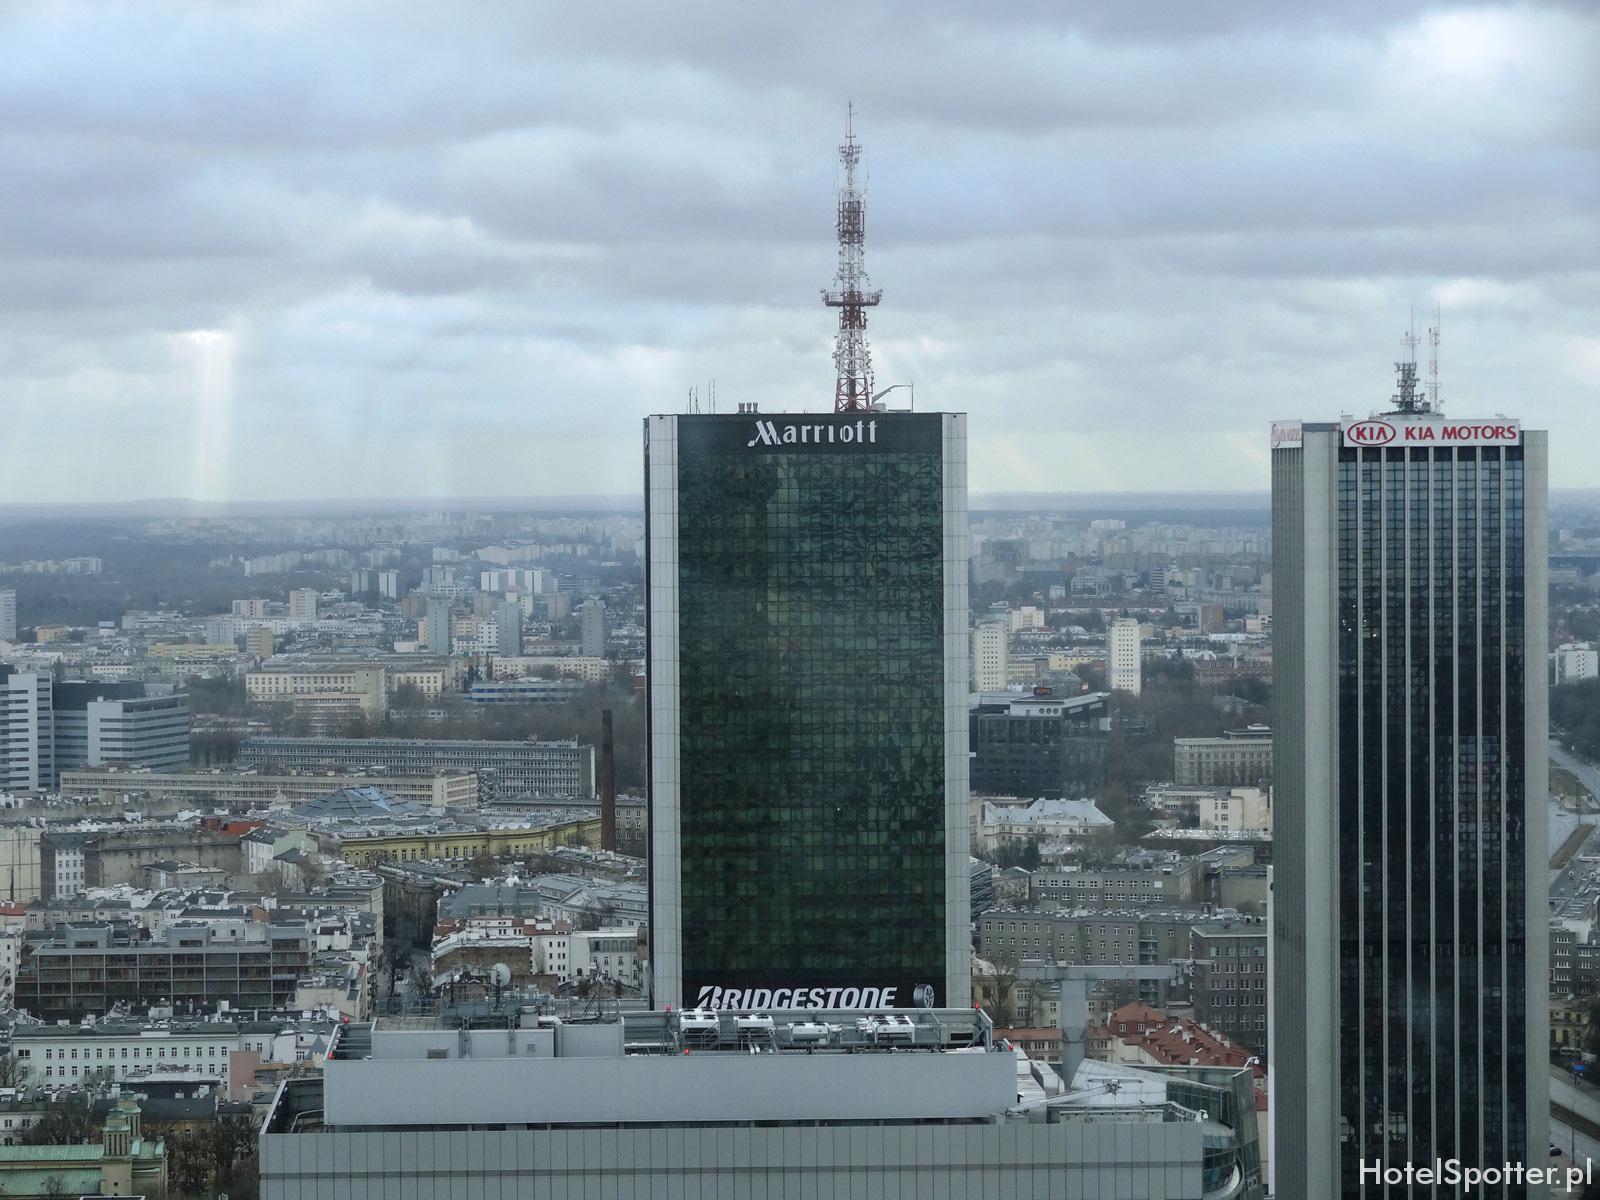 Hotel Marriott Warszawa - wyglad zewnetrzny